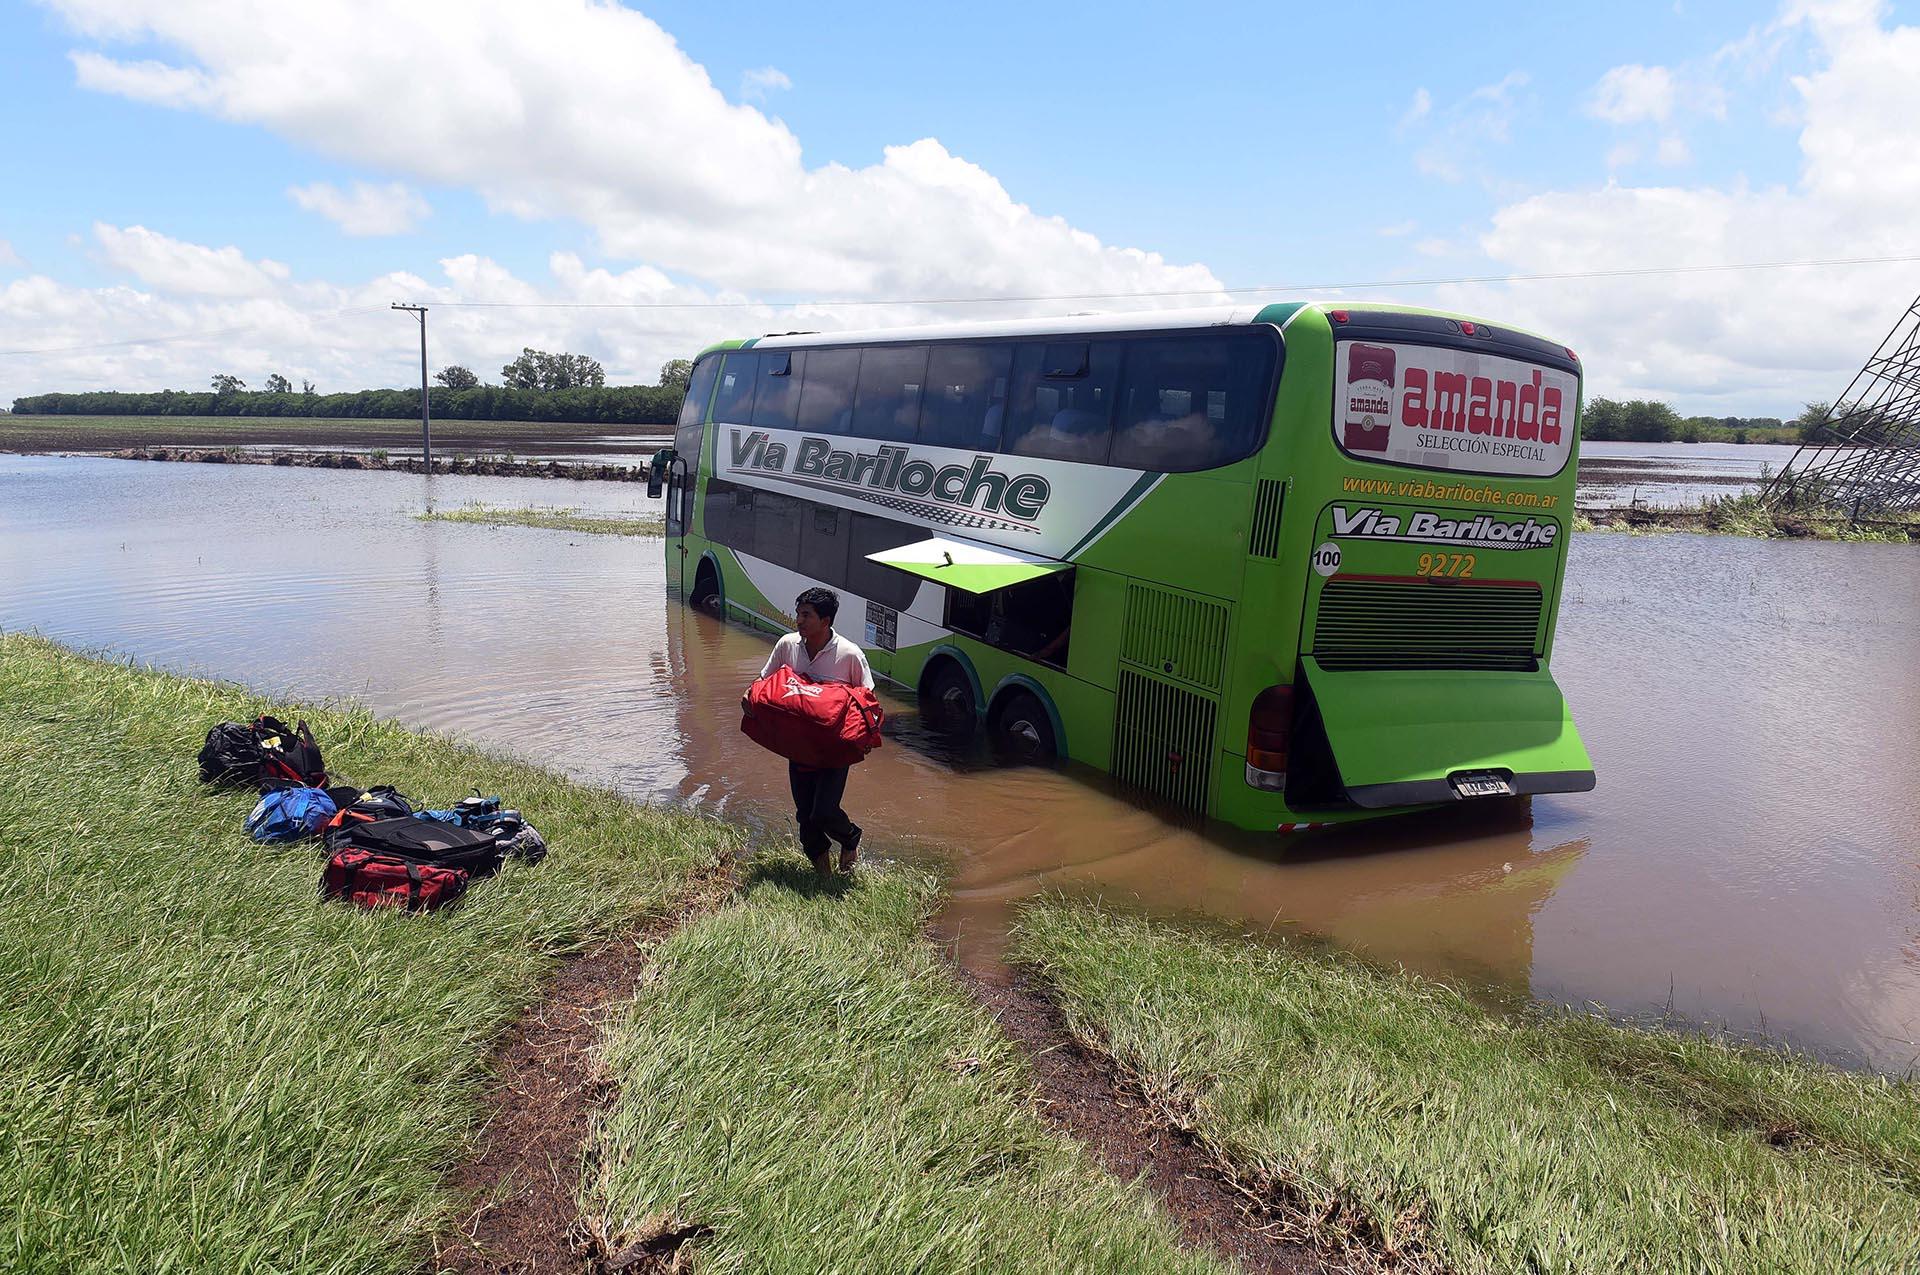 Camiones y colectivos varados a la altura del Arroyo Pavón, debido a las lluvias de ayer y hoy a la madrugada que complicaron la situación de varias localidades del sur de Santa Fe